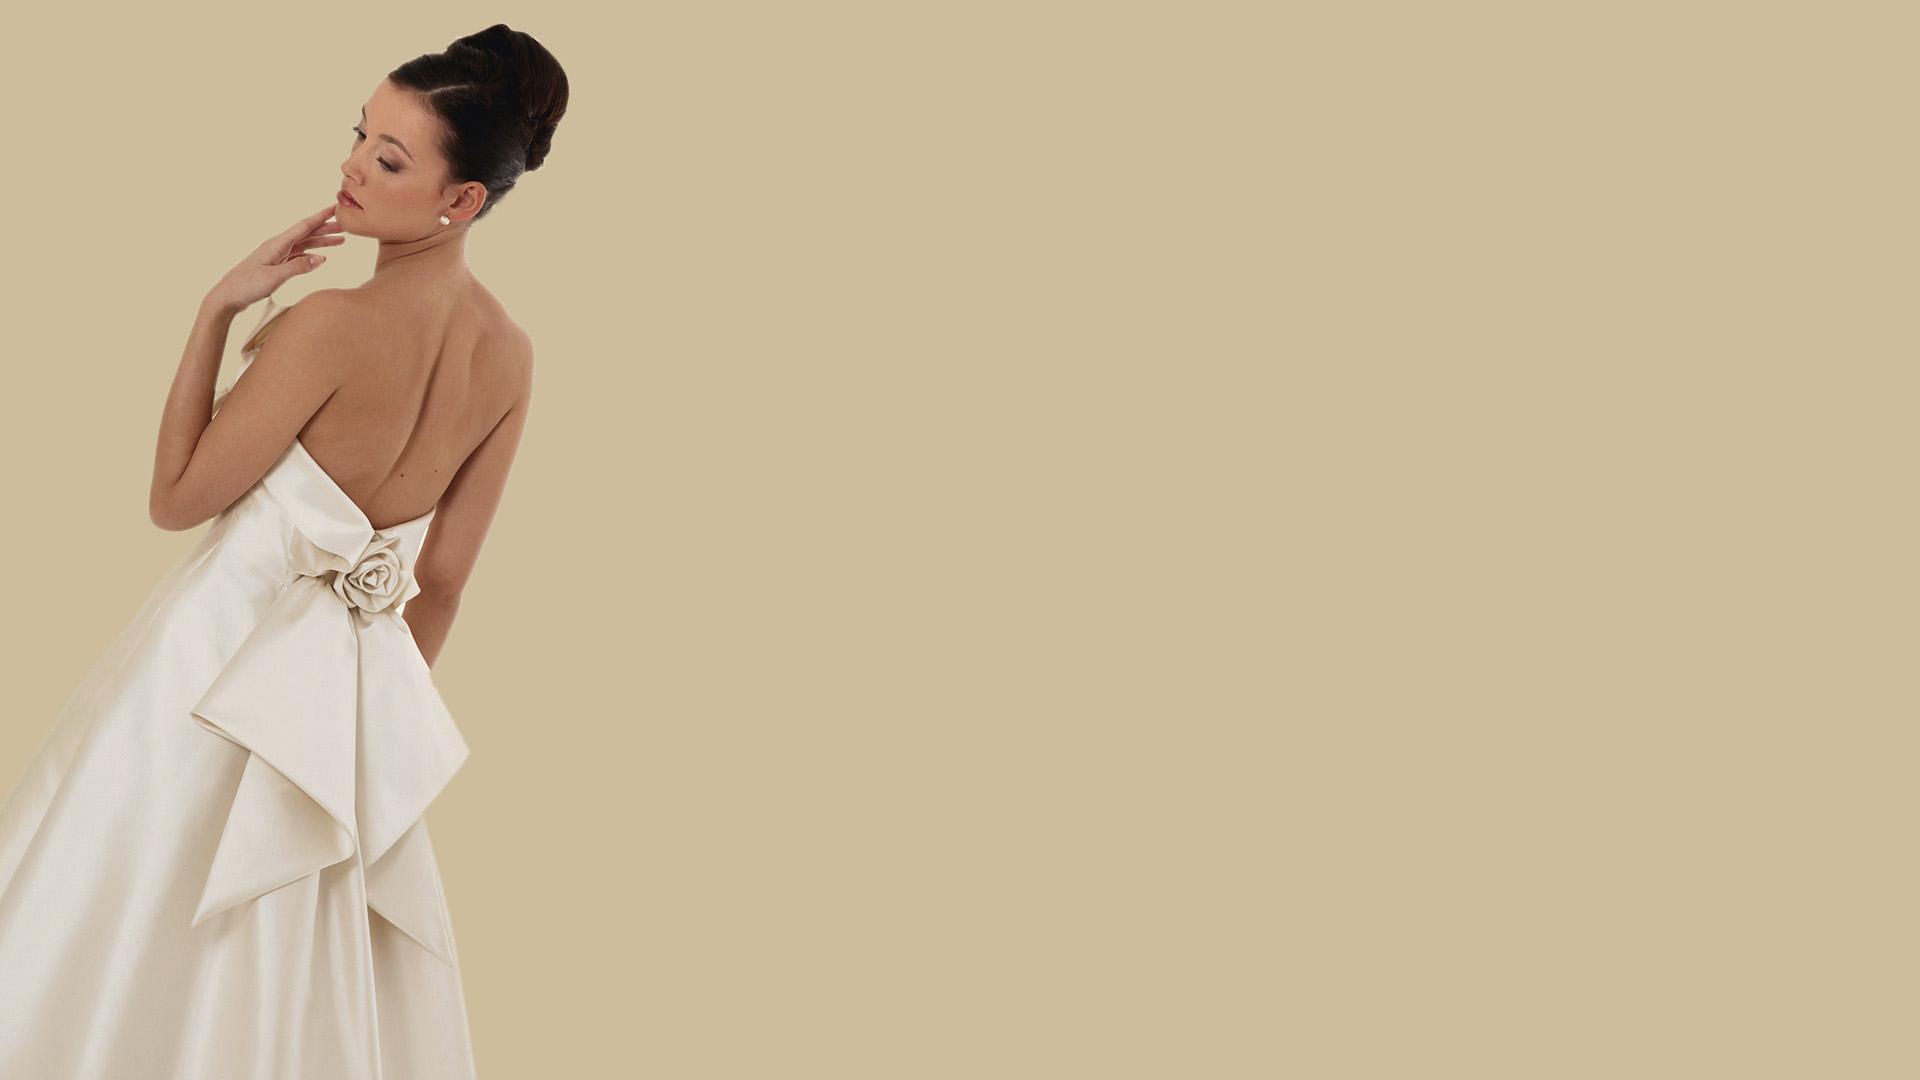 Lecco Dresses A Da Wedding Todeschini Sposa Odilia Abiti WD2YeH9IE